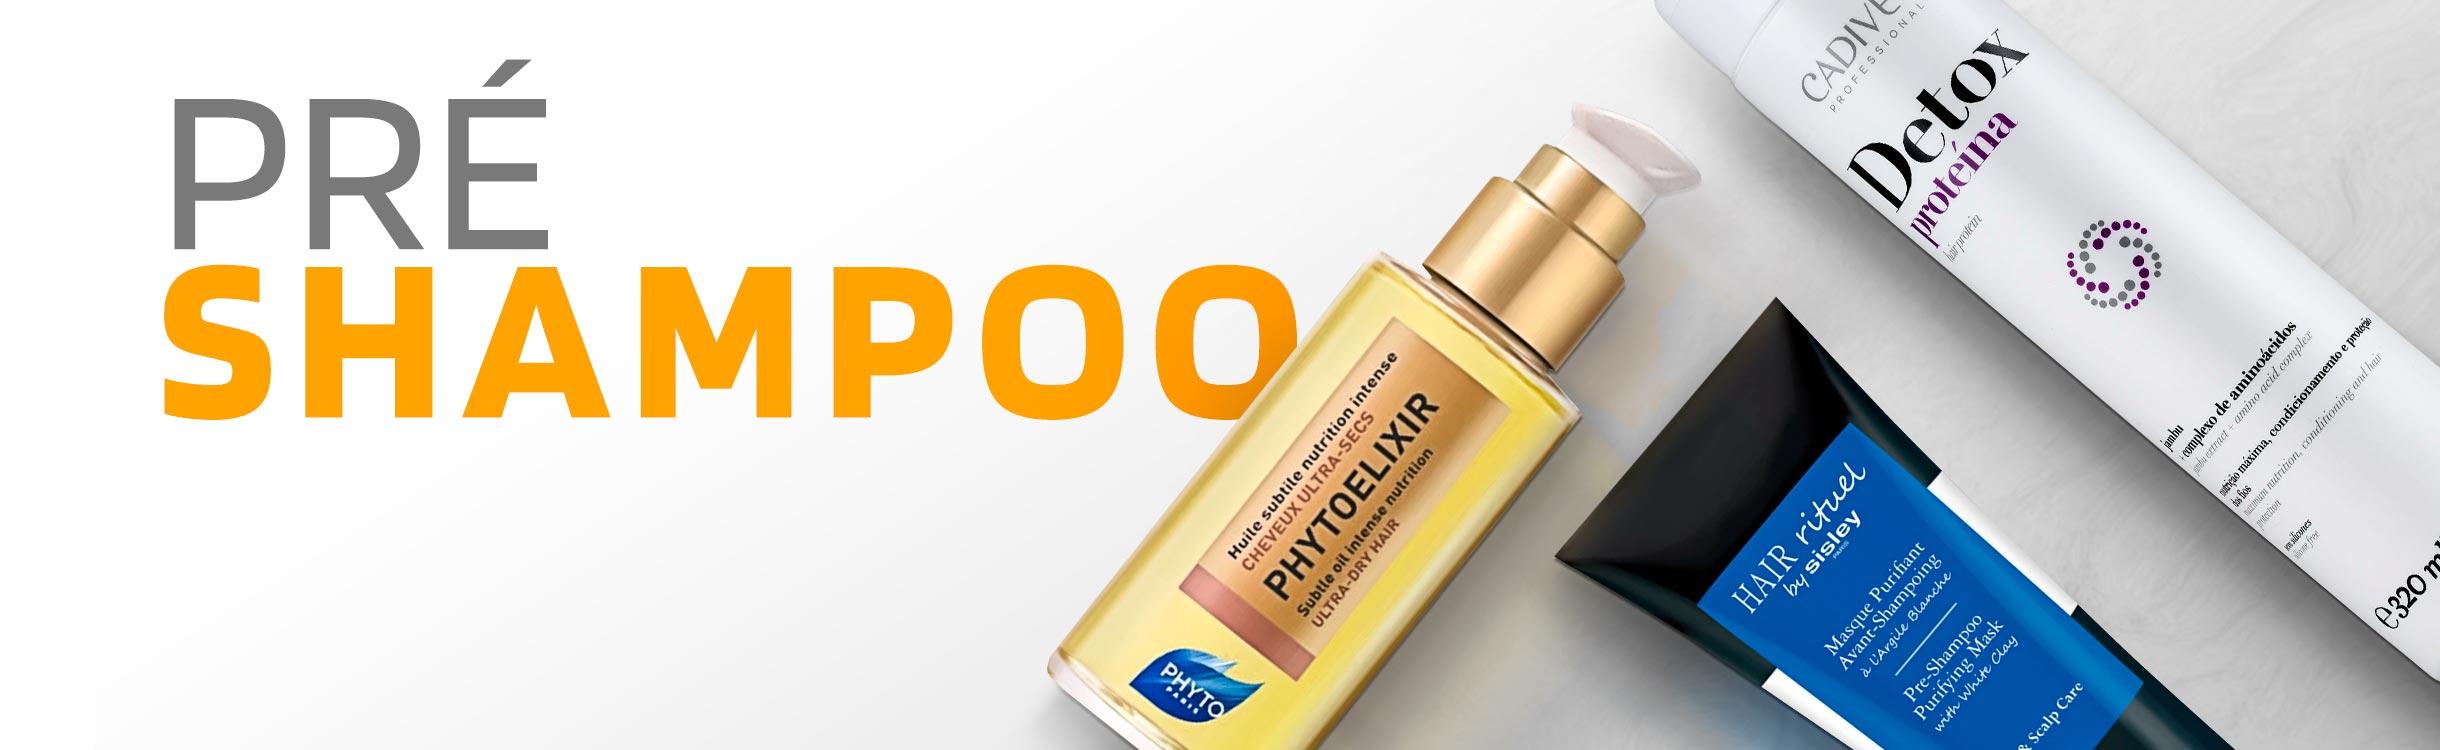 Pré-Shampoo